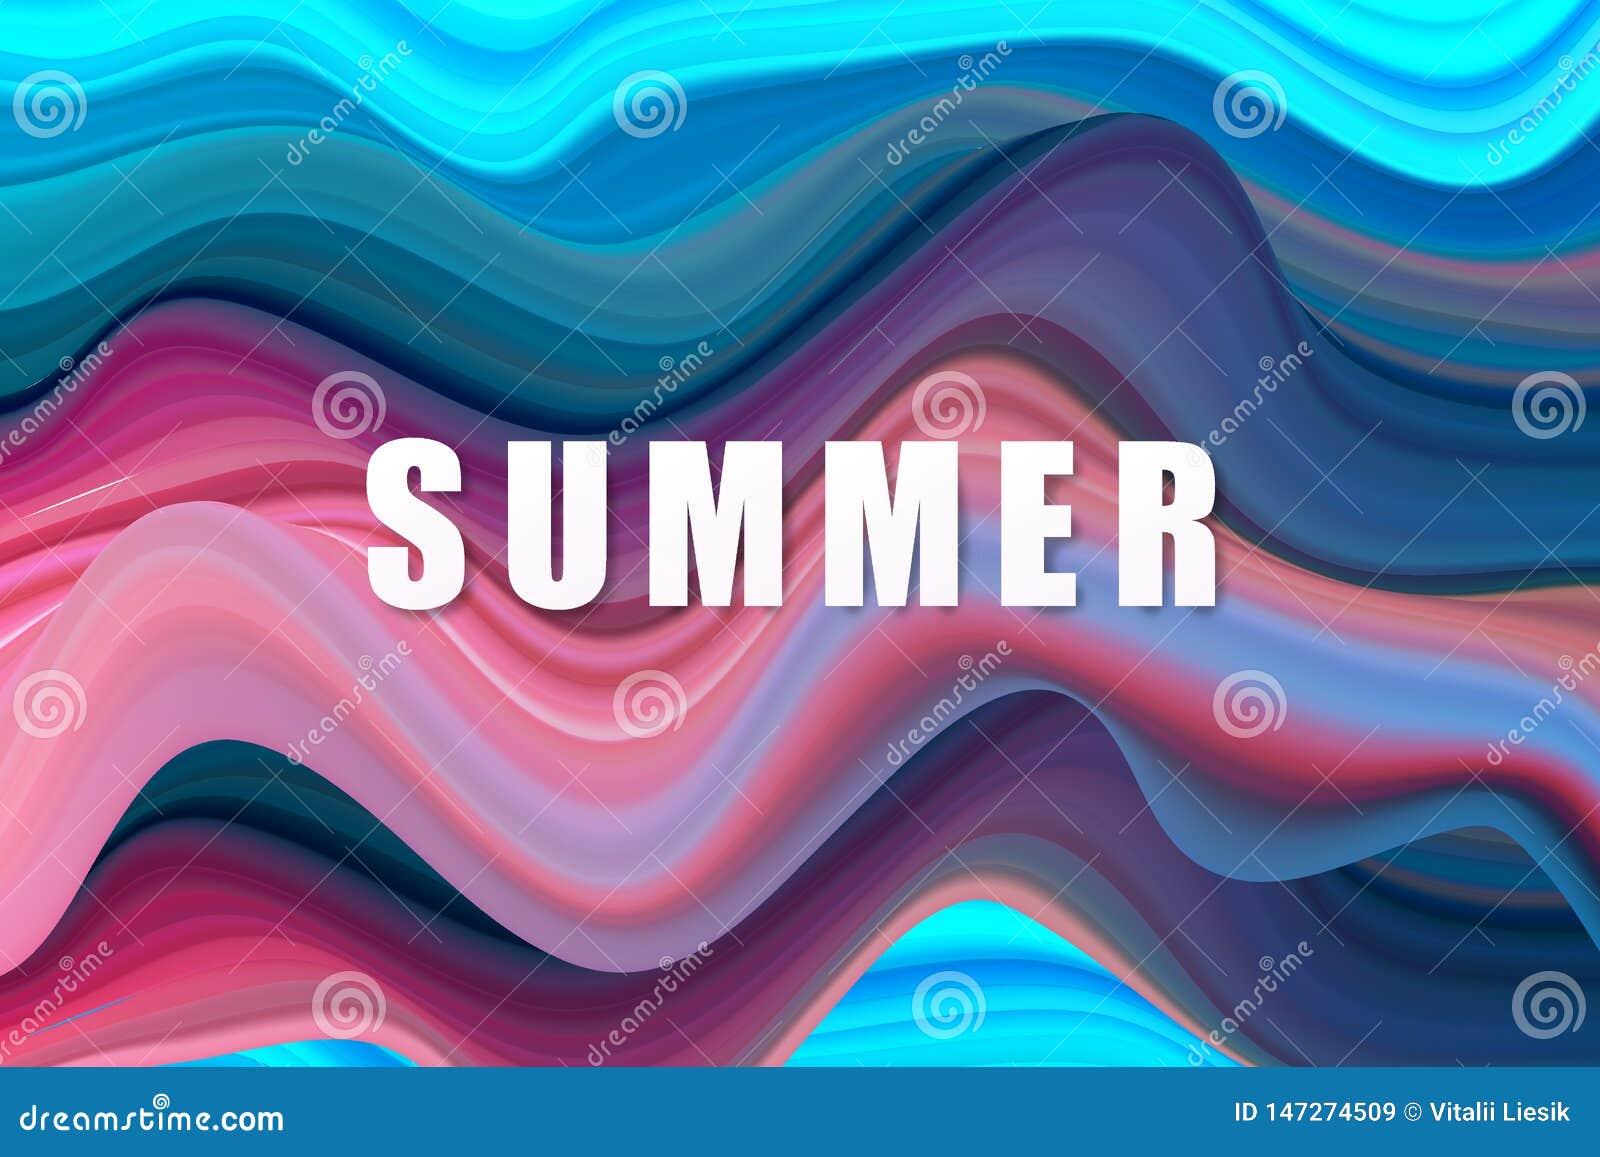 Σύγχρονη πολύχρωμη αφίσα ροής Φόντο χρώματος σχήματος κυματομορφής υγρού Σχεδίαση γραφικών για το σχέδιο σας Εικόνα διανύσματος